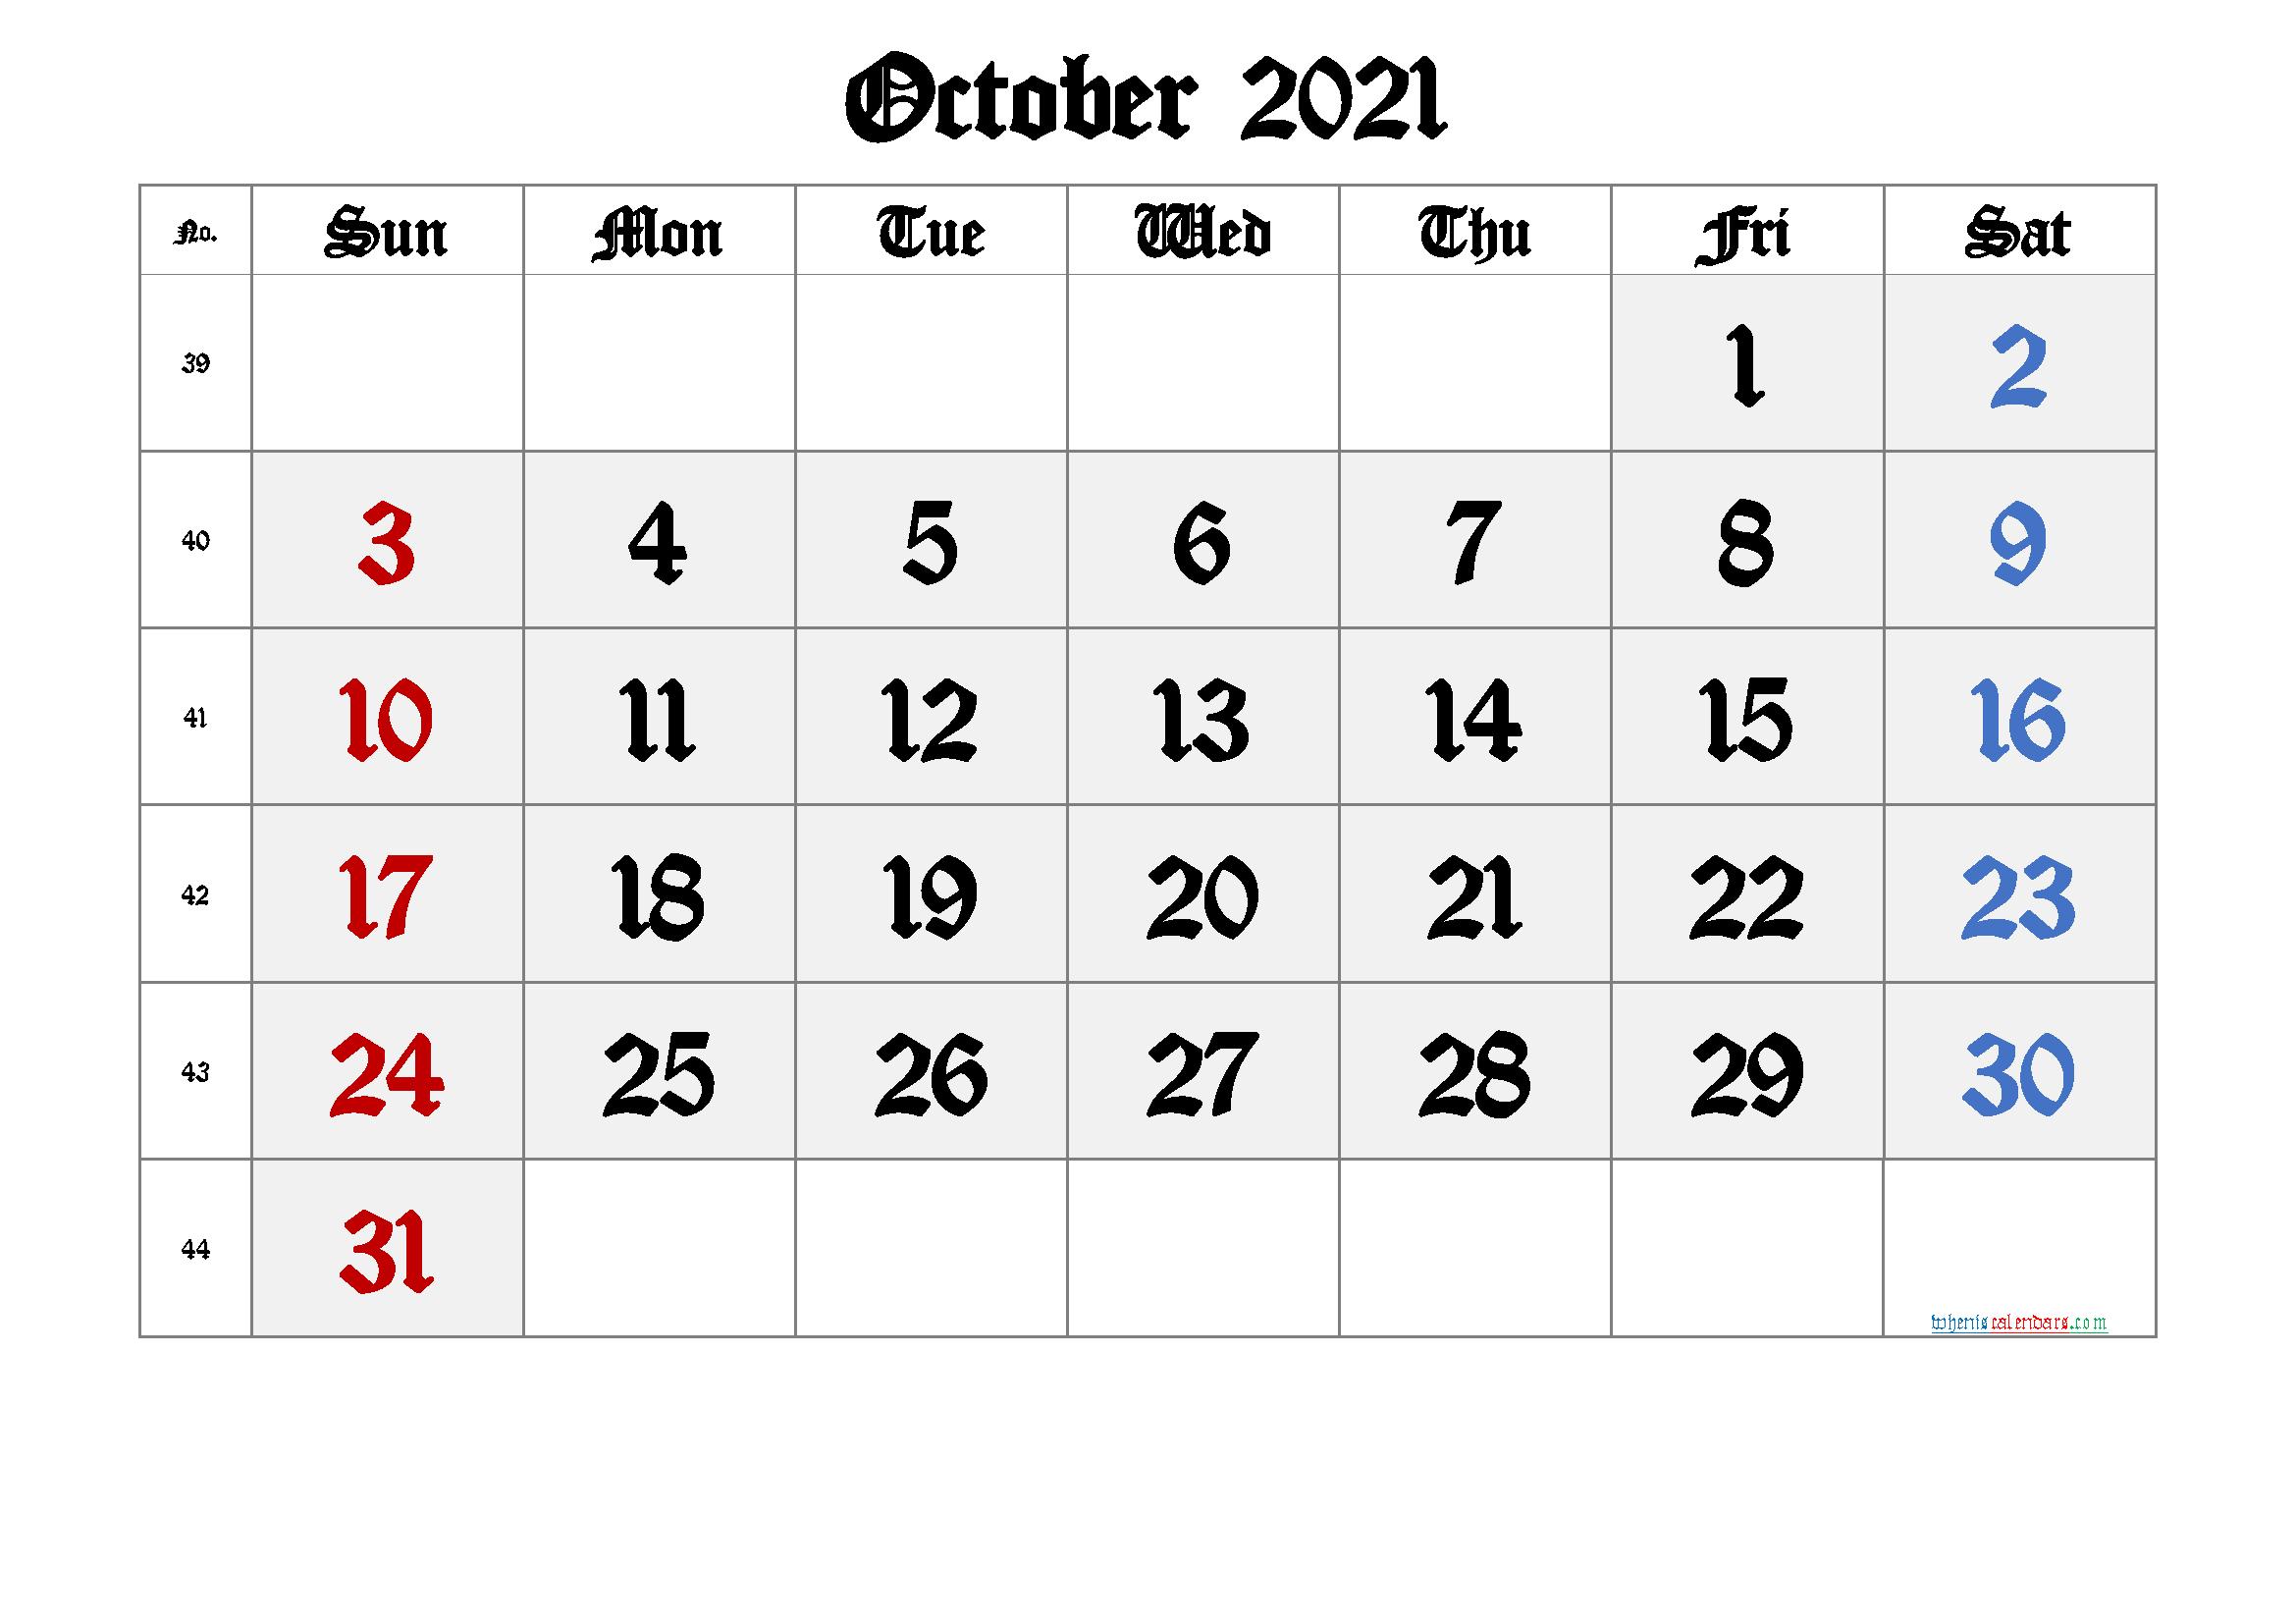 Printable October 2021 Calendar with Week Numbers